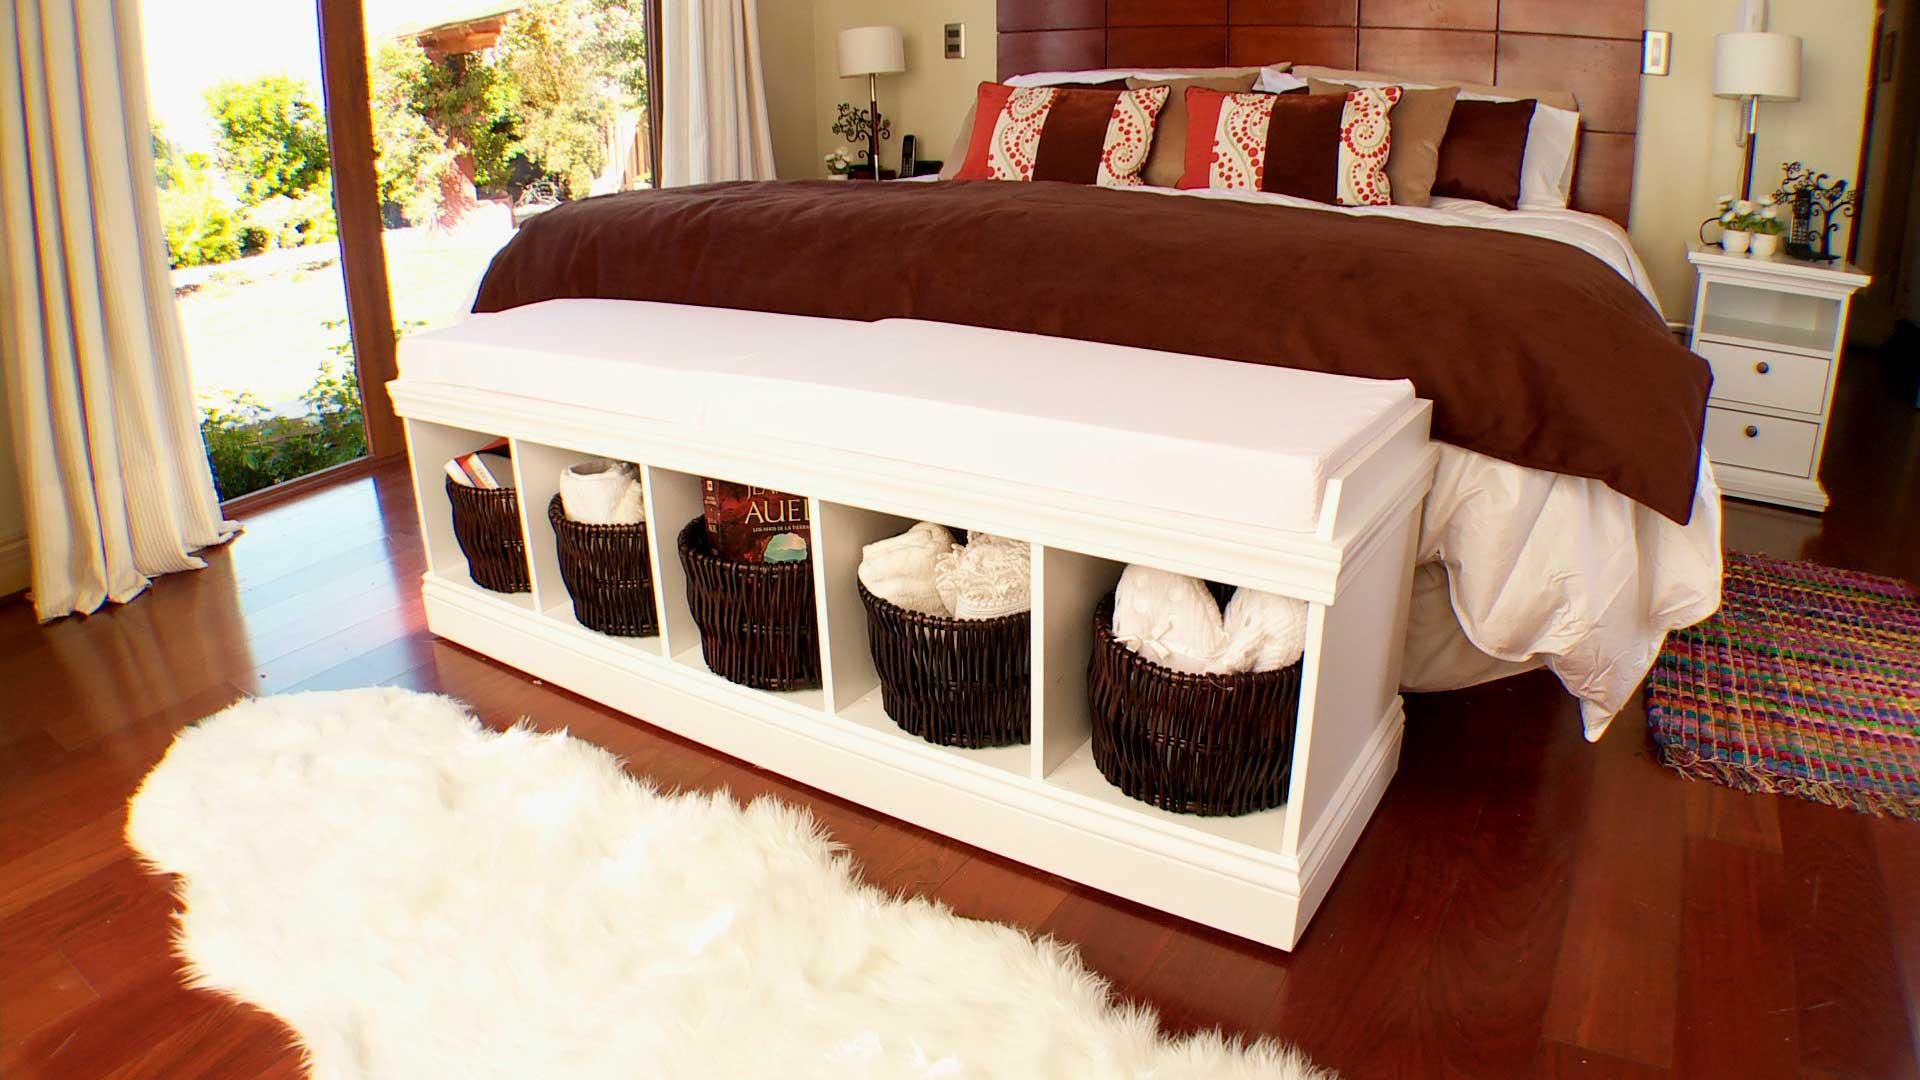 En este proyecto se busca hacer más cómodo y práctico el dormitorio, con un estante tipo banqueta que sirva para sentarse, vestirse y guardar cosas que debemos tener a la mano en el dormitorio. Este mueble va a los pies de la cama, es muy sencillo pero funcional.